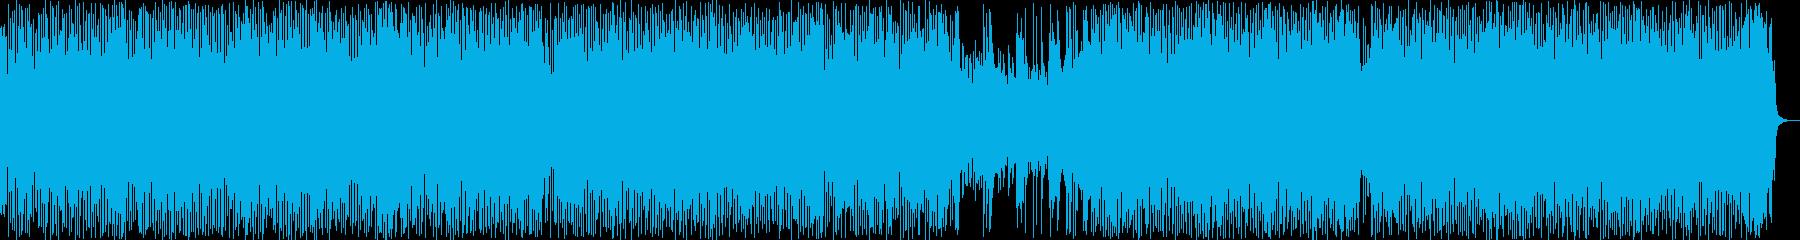 アクションRPGの草原BGMの再生済みの波形